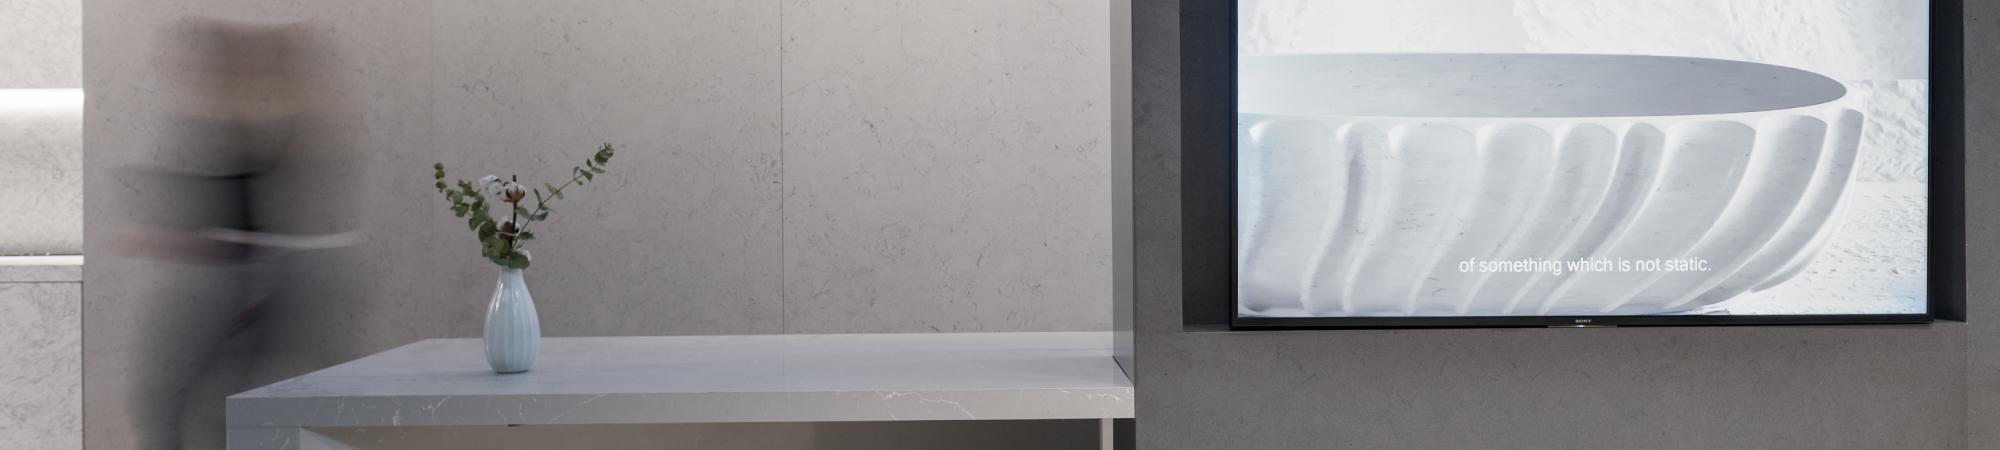 Obsidiana COMPAC superficies sostenibles